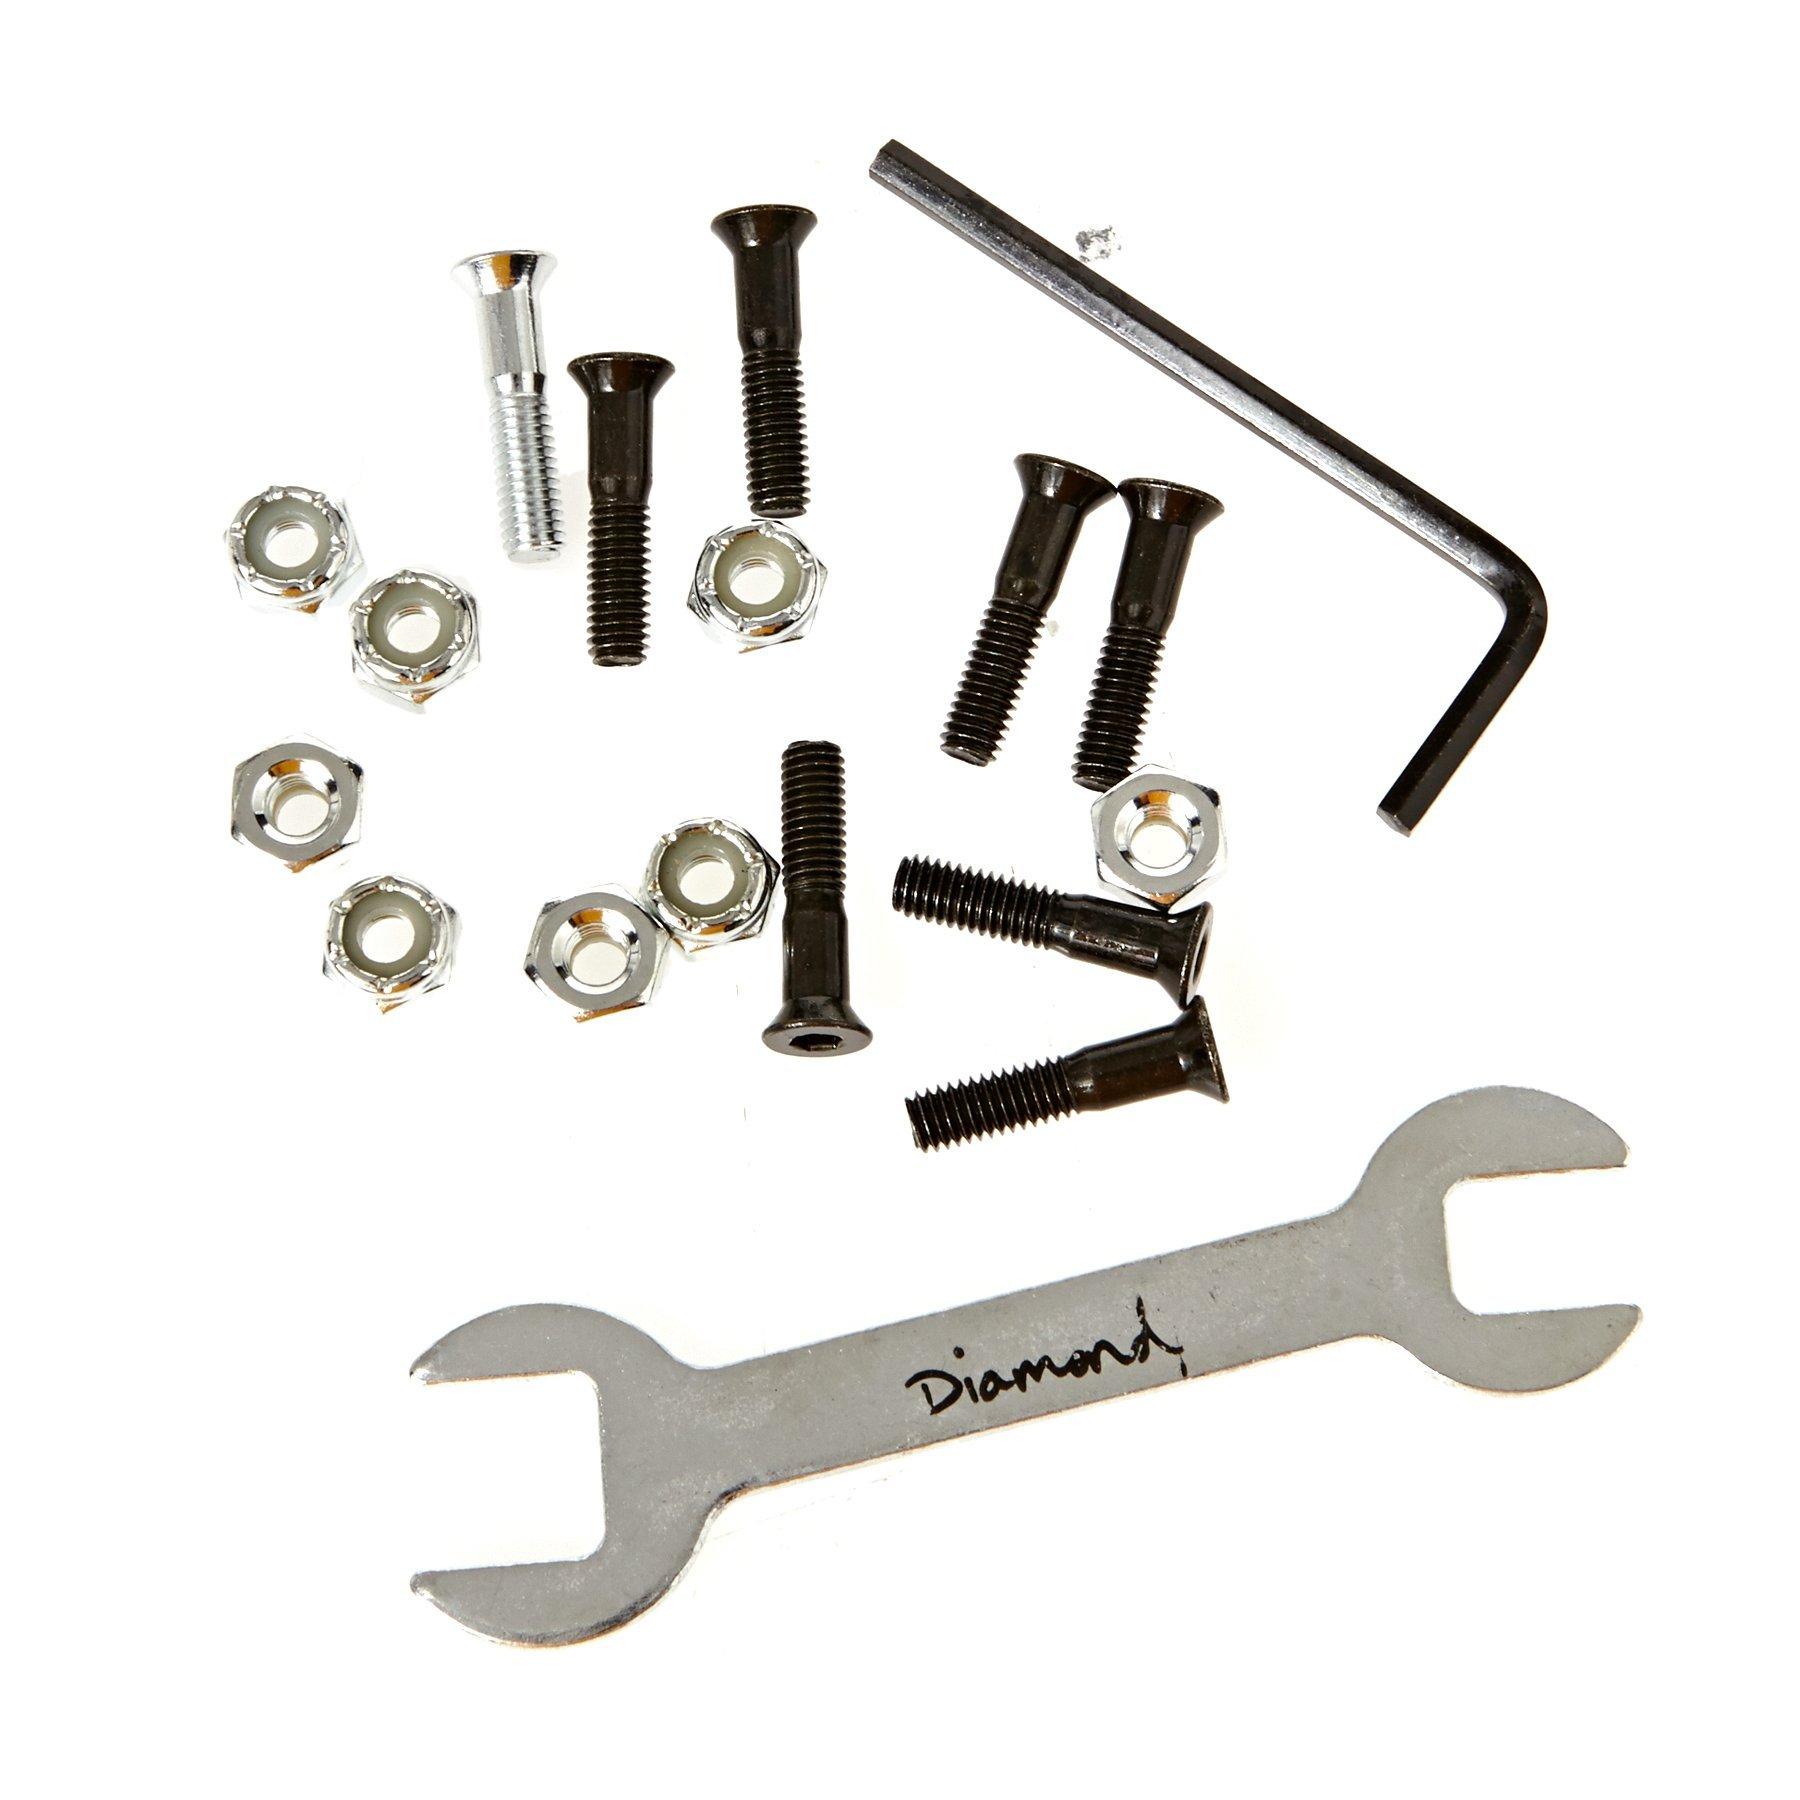 Diamond Supply Co Hella Tight Nyjah Huston Pro Hardware Set